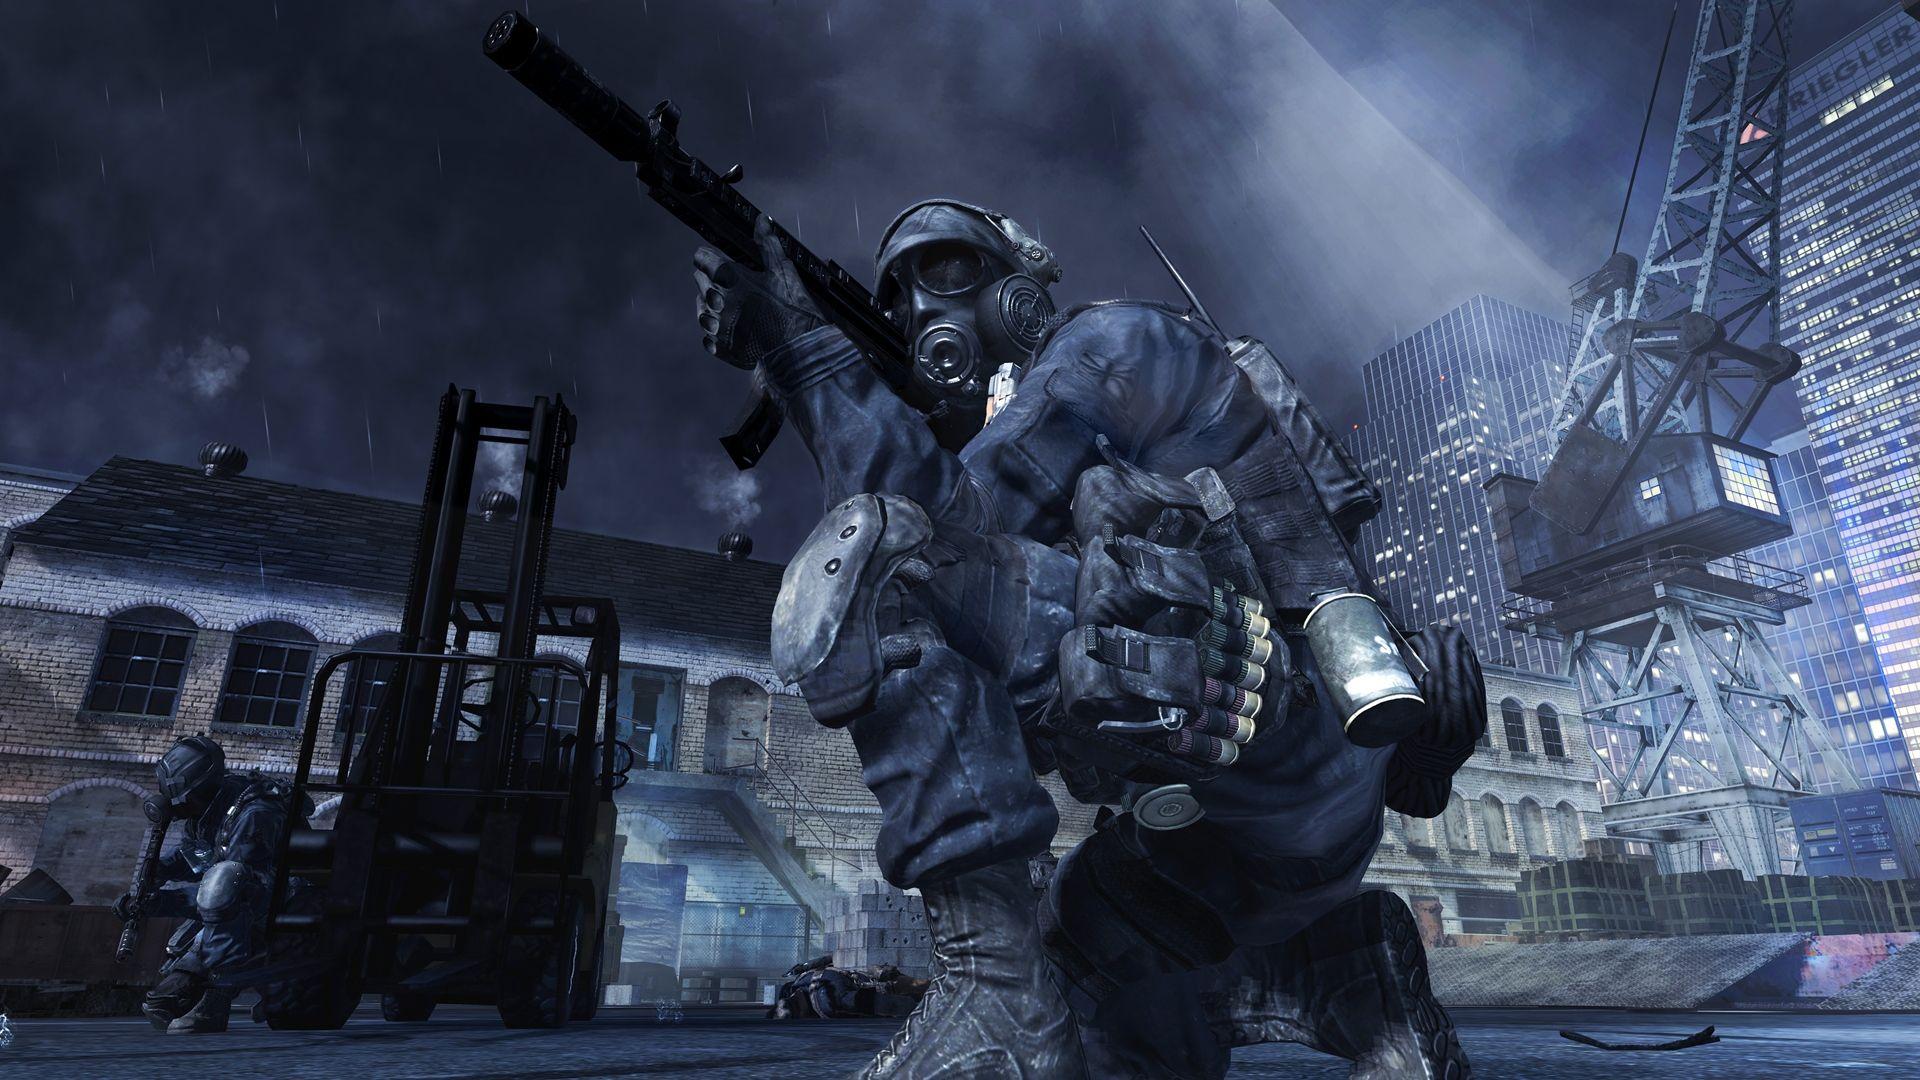 Call of Duty 2019 tease